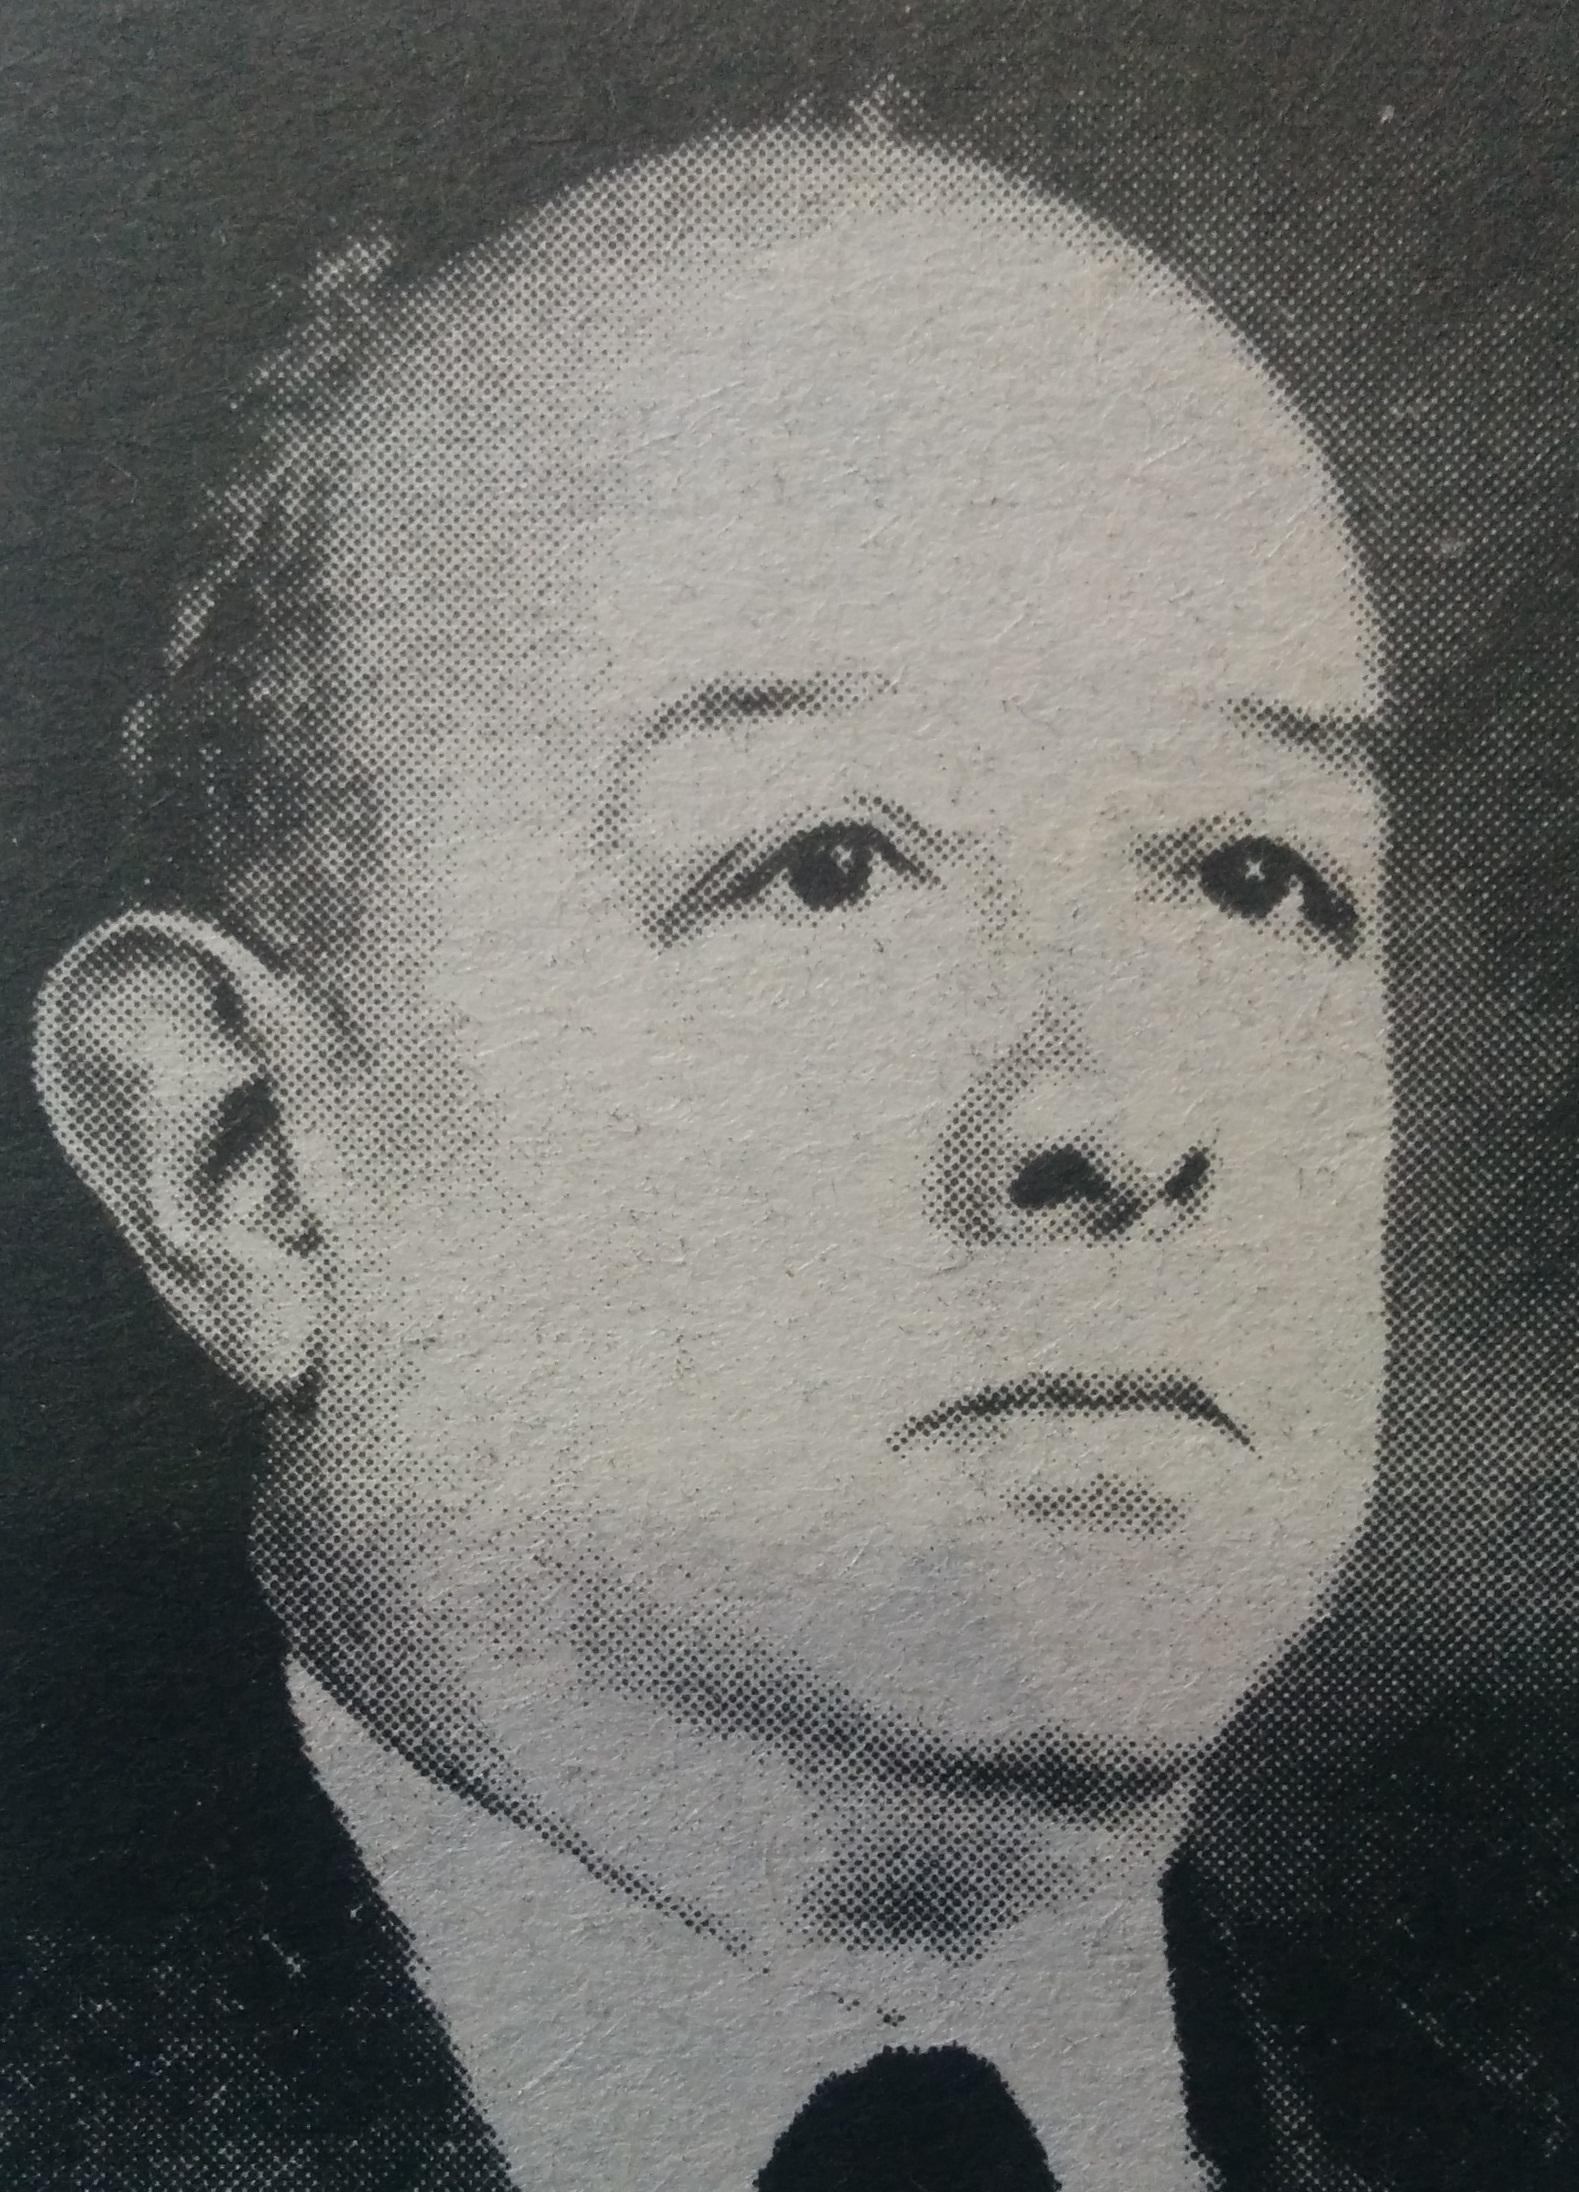 Don Francisco Anselmo Castagnino (1884-1955), fundador y primer director, del Museo Histórico Municipal, que lleva, desde 1958, su ilustre nombre.